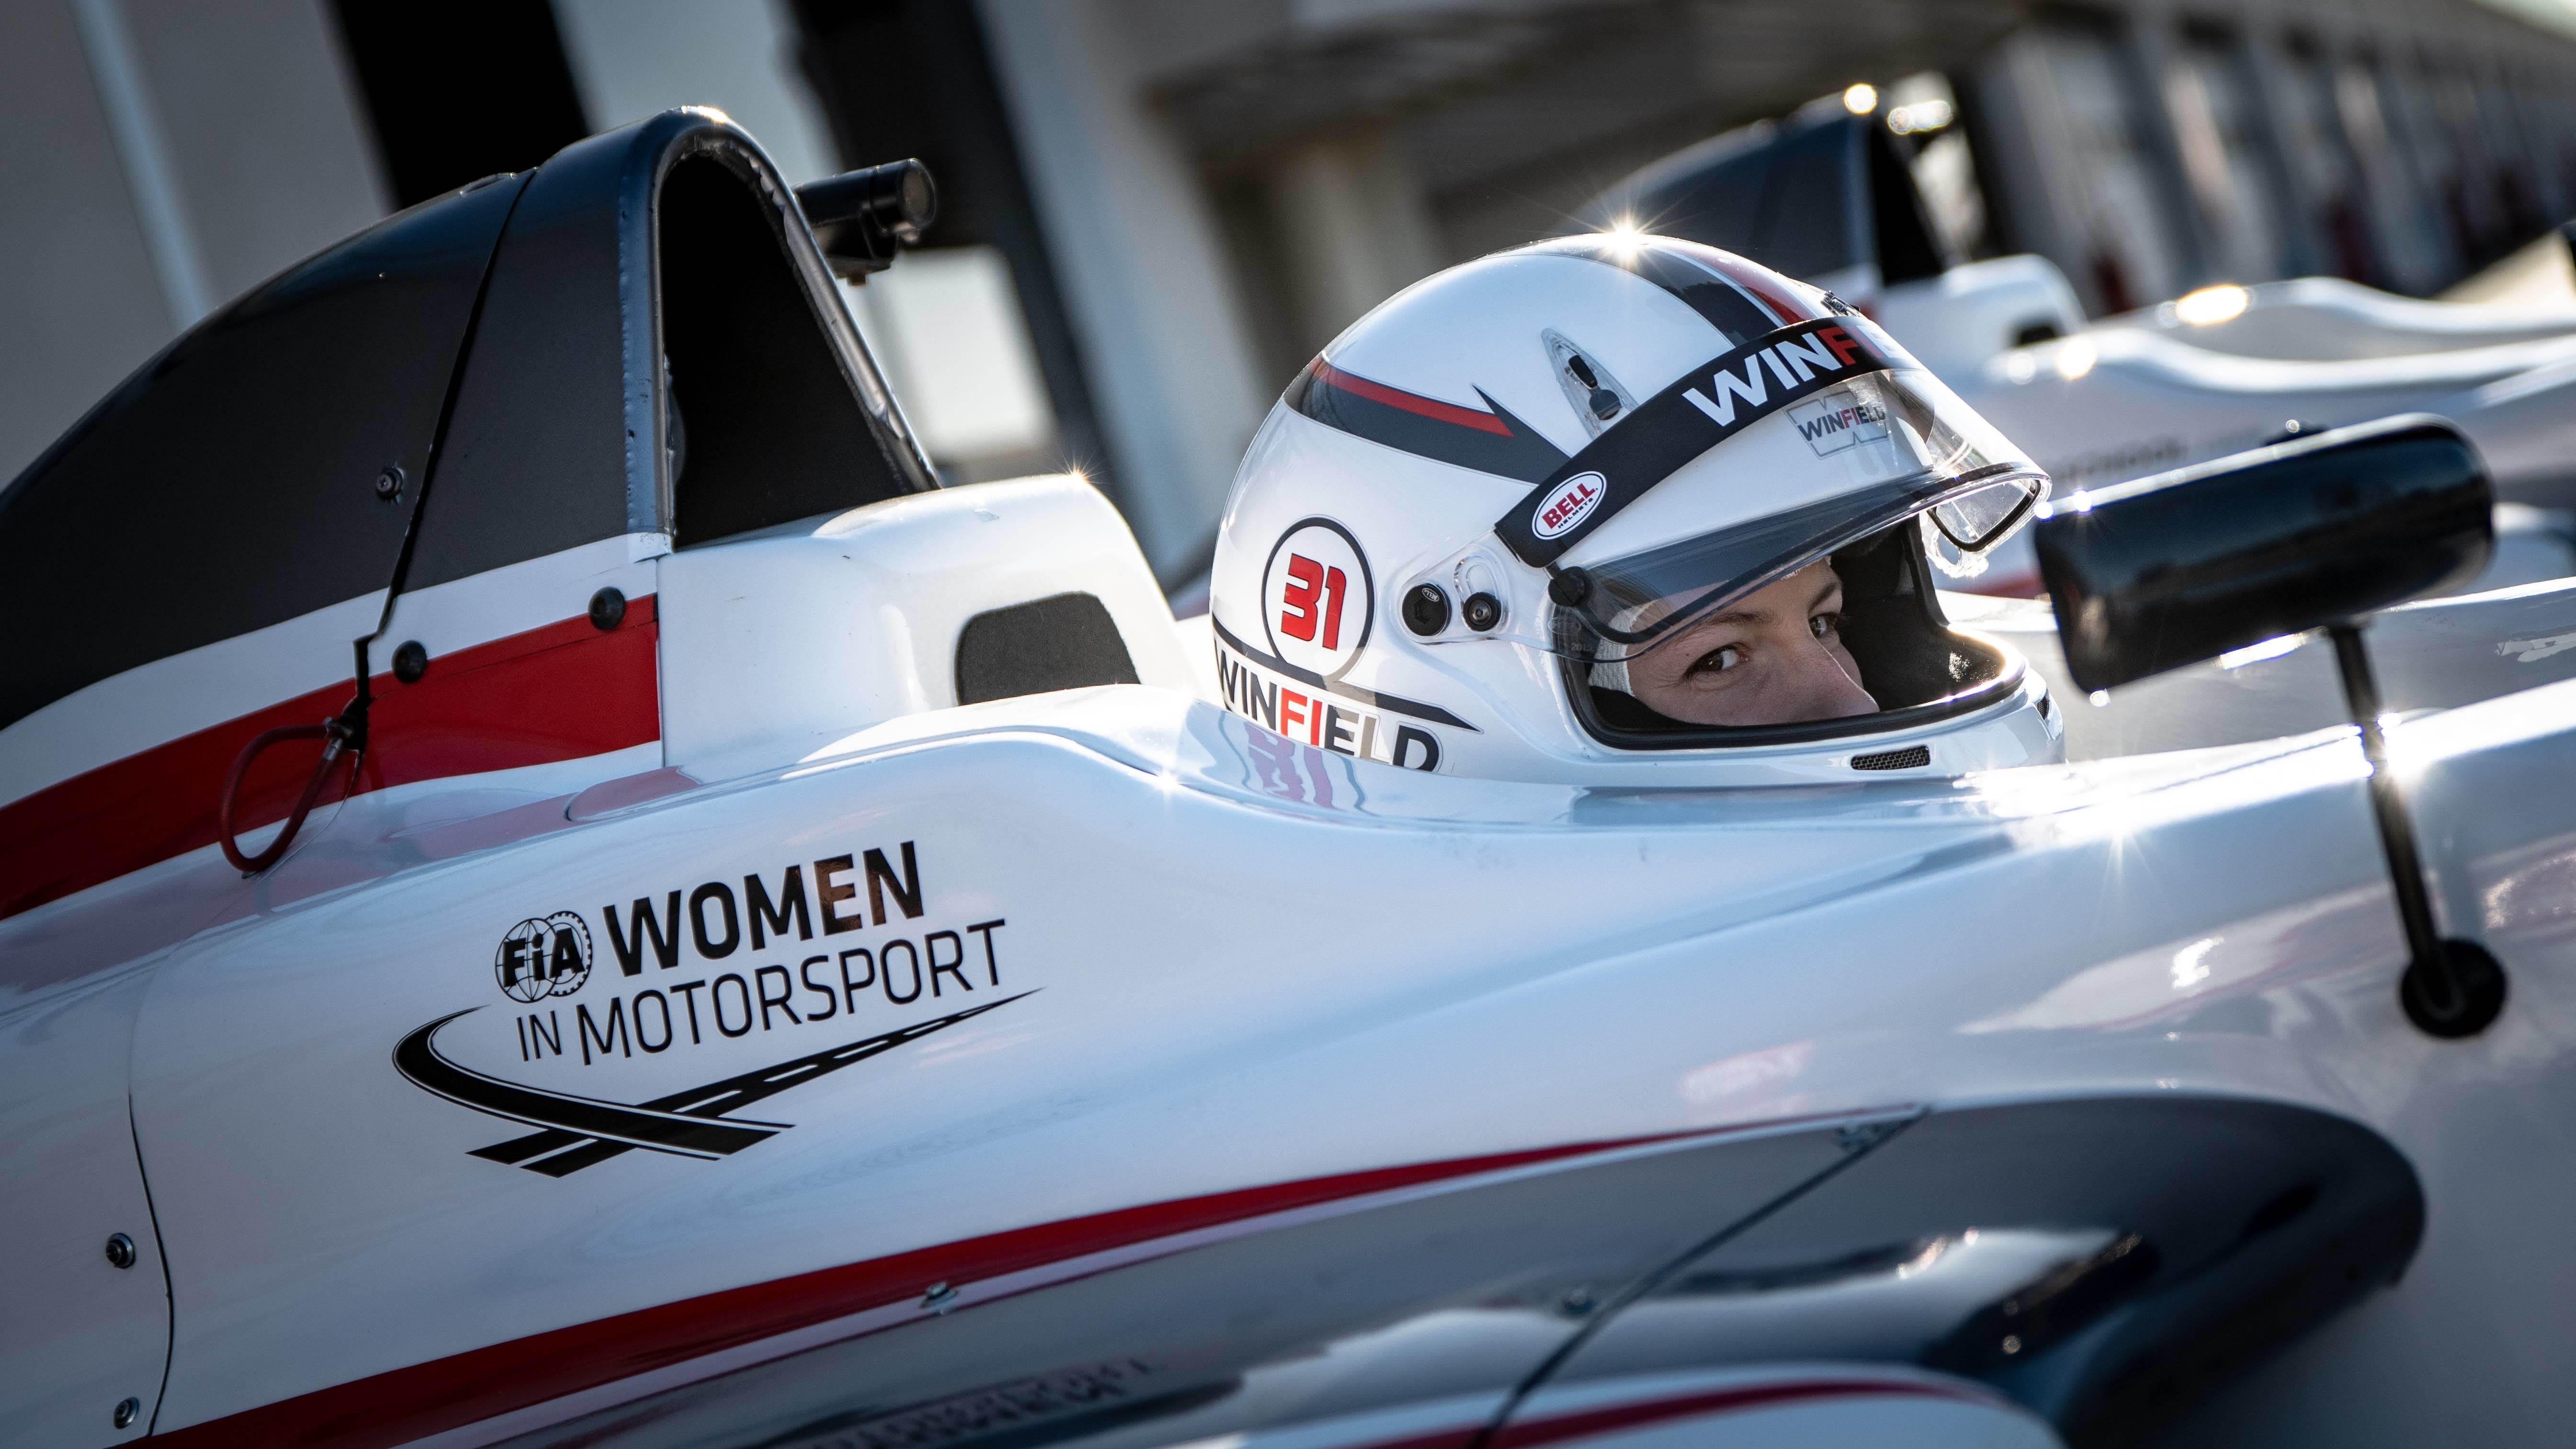 FIA Women in Motorsport branding on F4 car